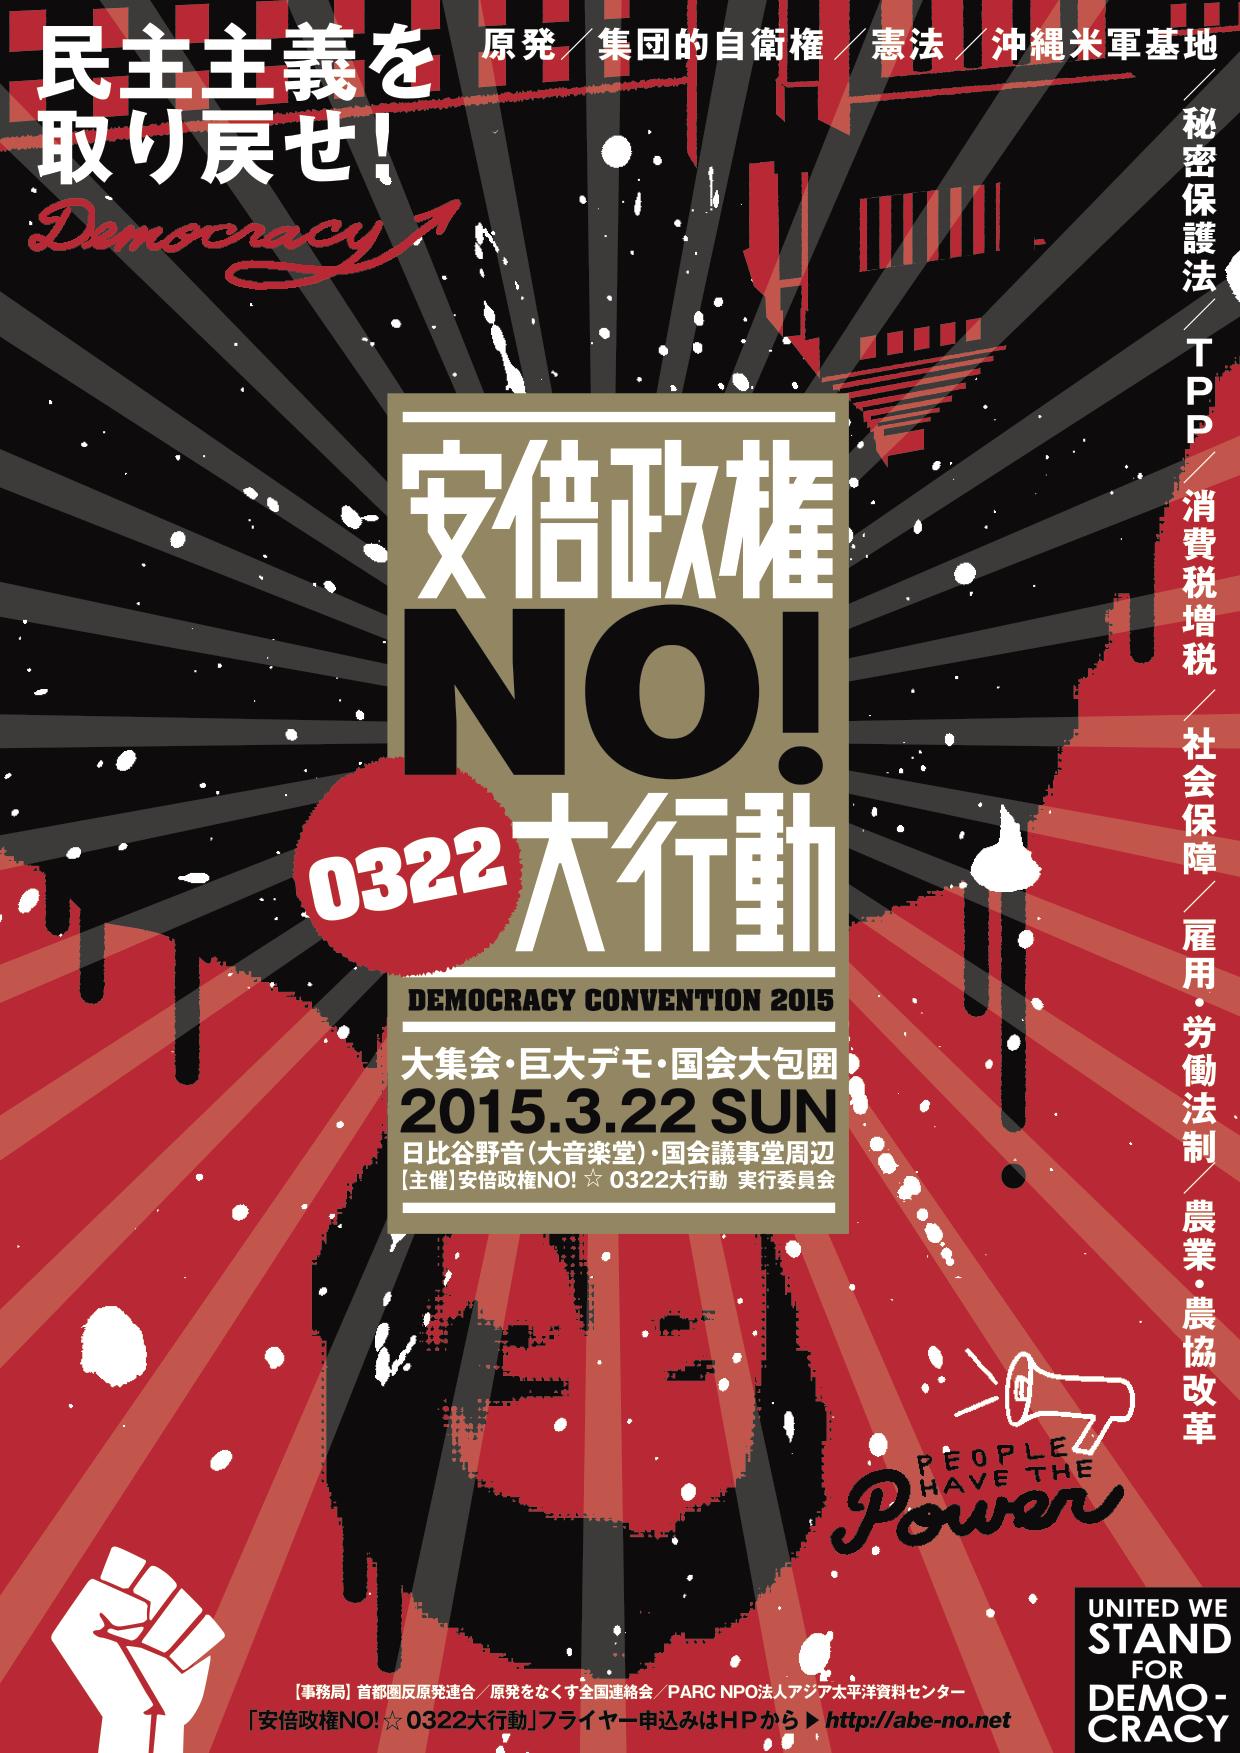 「安倍政権NO!☆0322大行動」への参加をよびかけるビラ